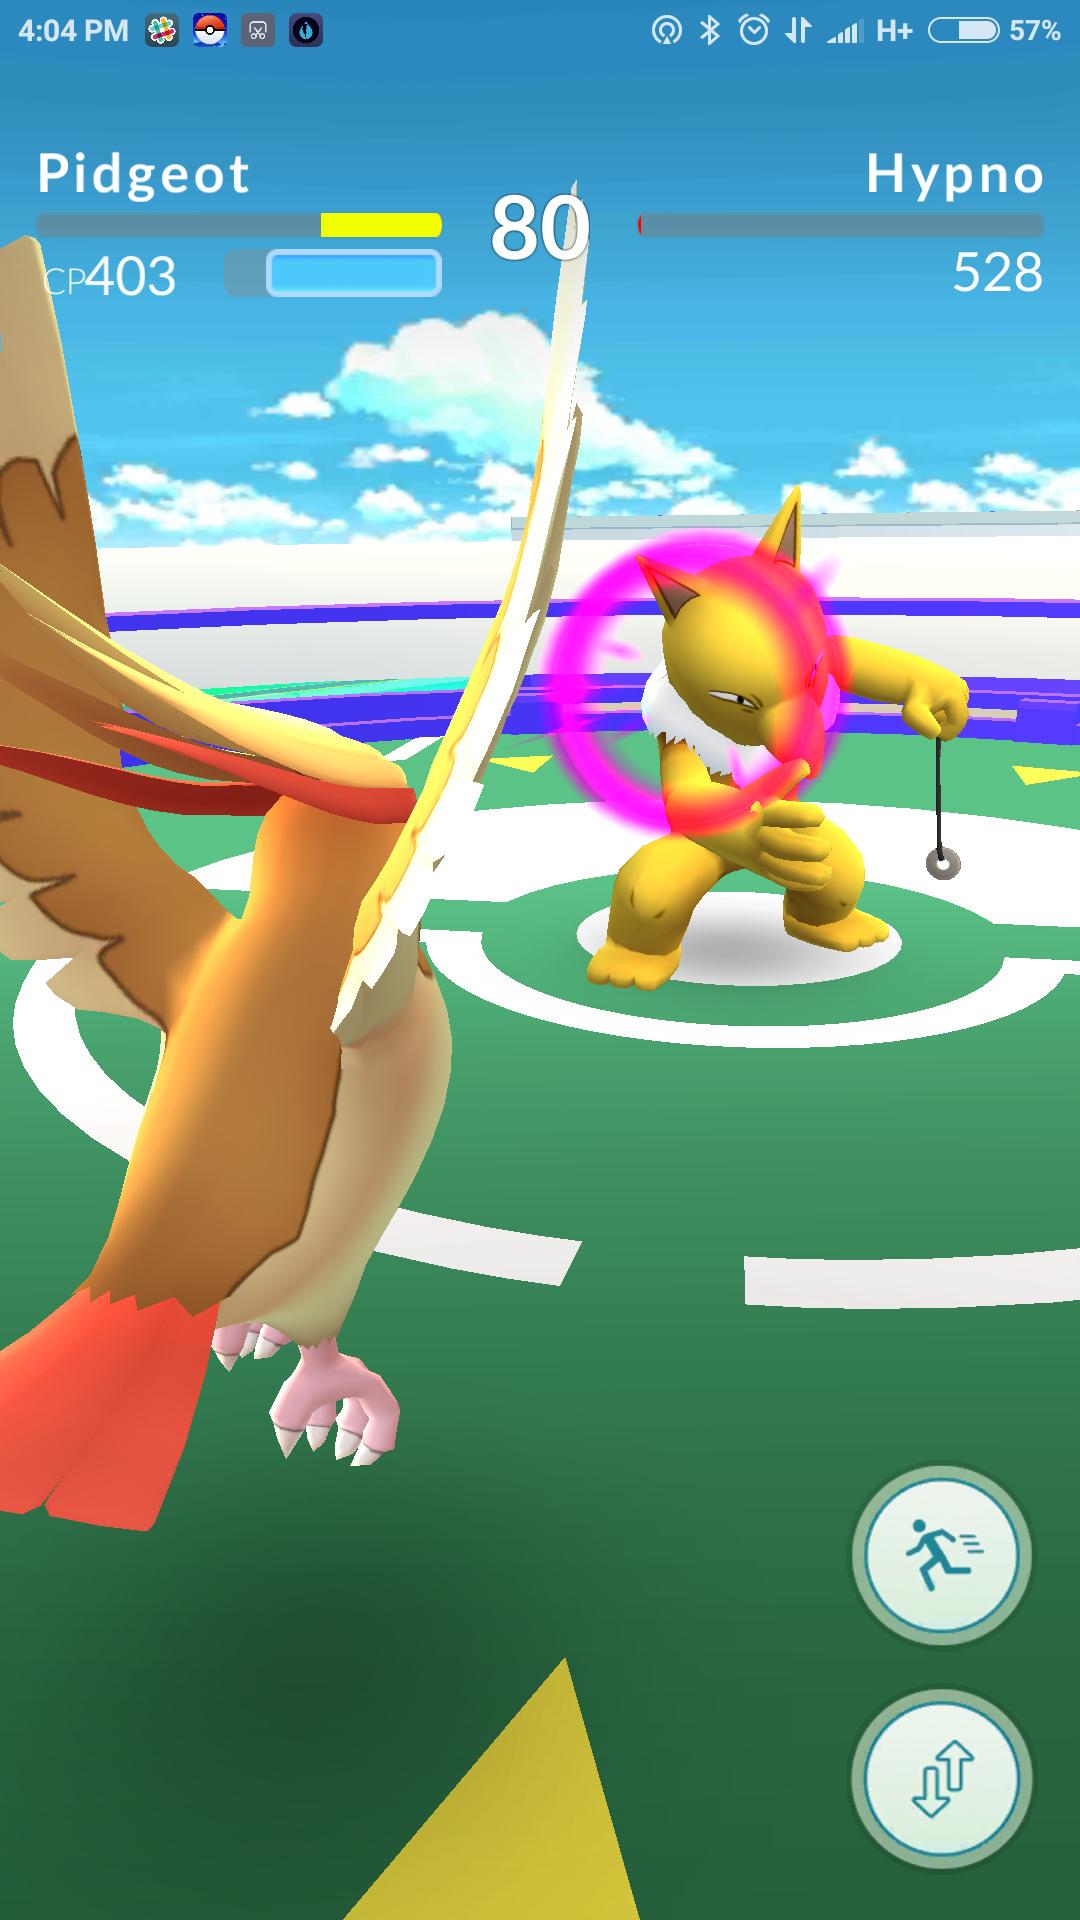 Pokémon GO (Nintendo Mobile) Game Profile | News, Reviews, Videos & Screenshots